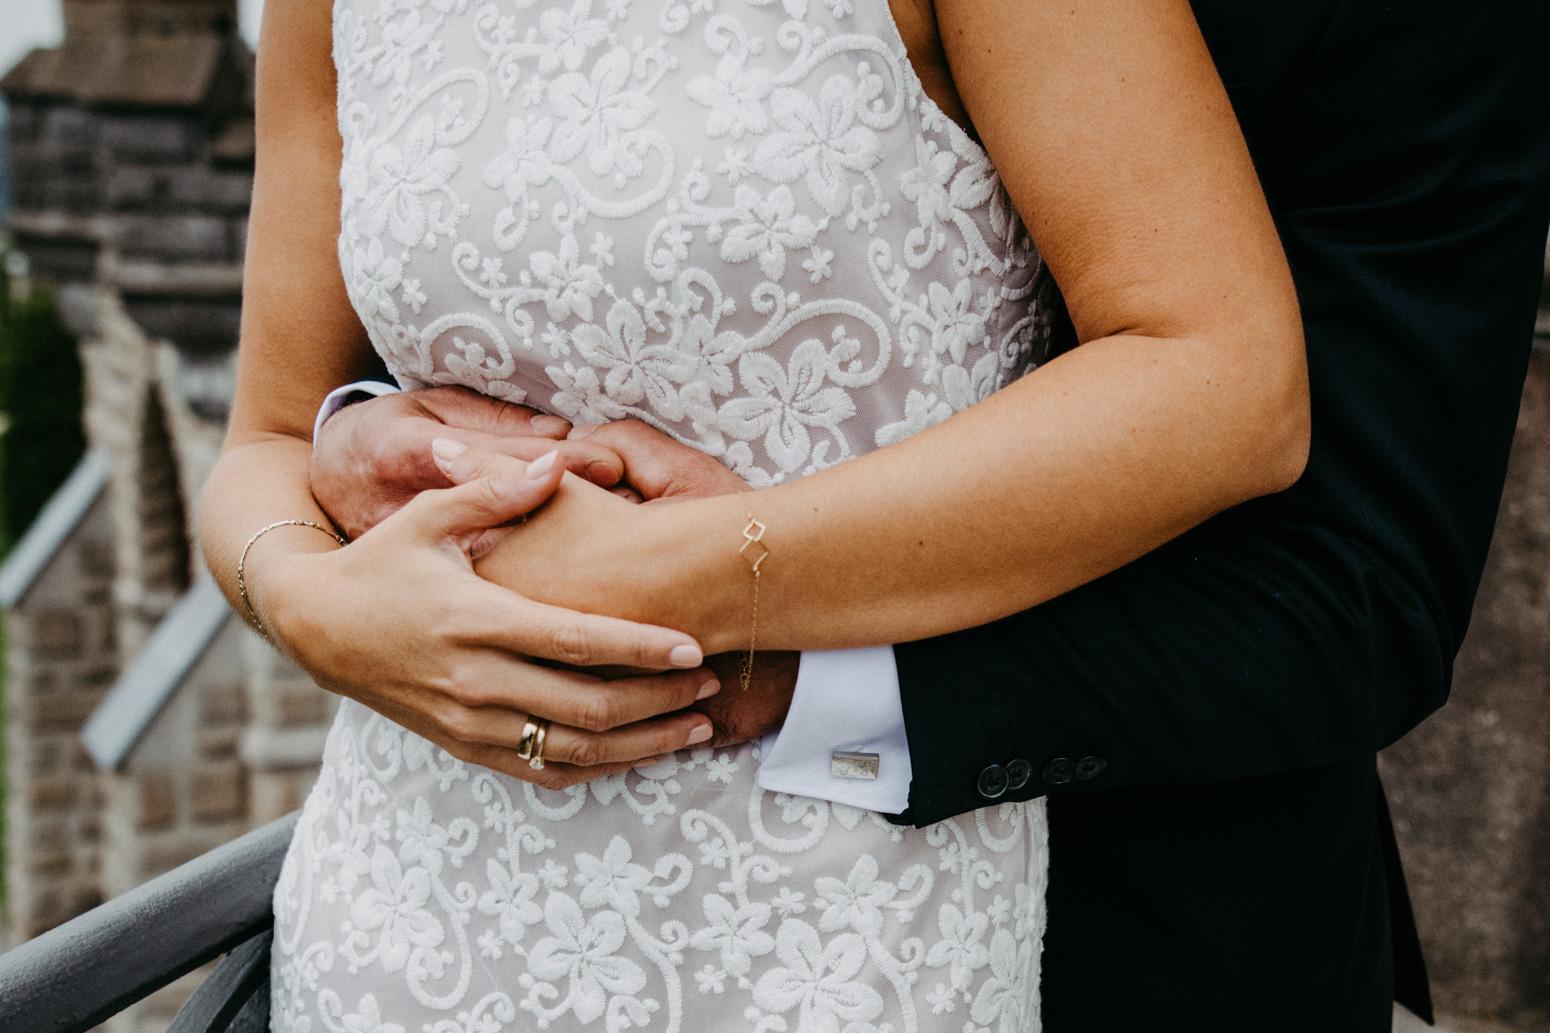 Hochzeits-Paarshooting, fotografiert von der Hochzeitsfotografin Daria Becker auf Schloss Drachenburg in Königswinter